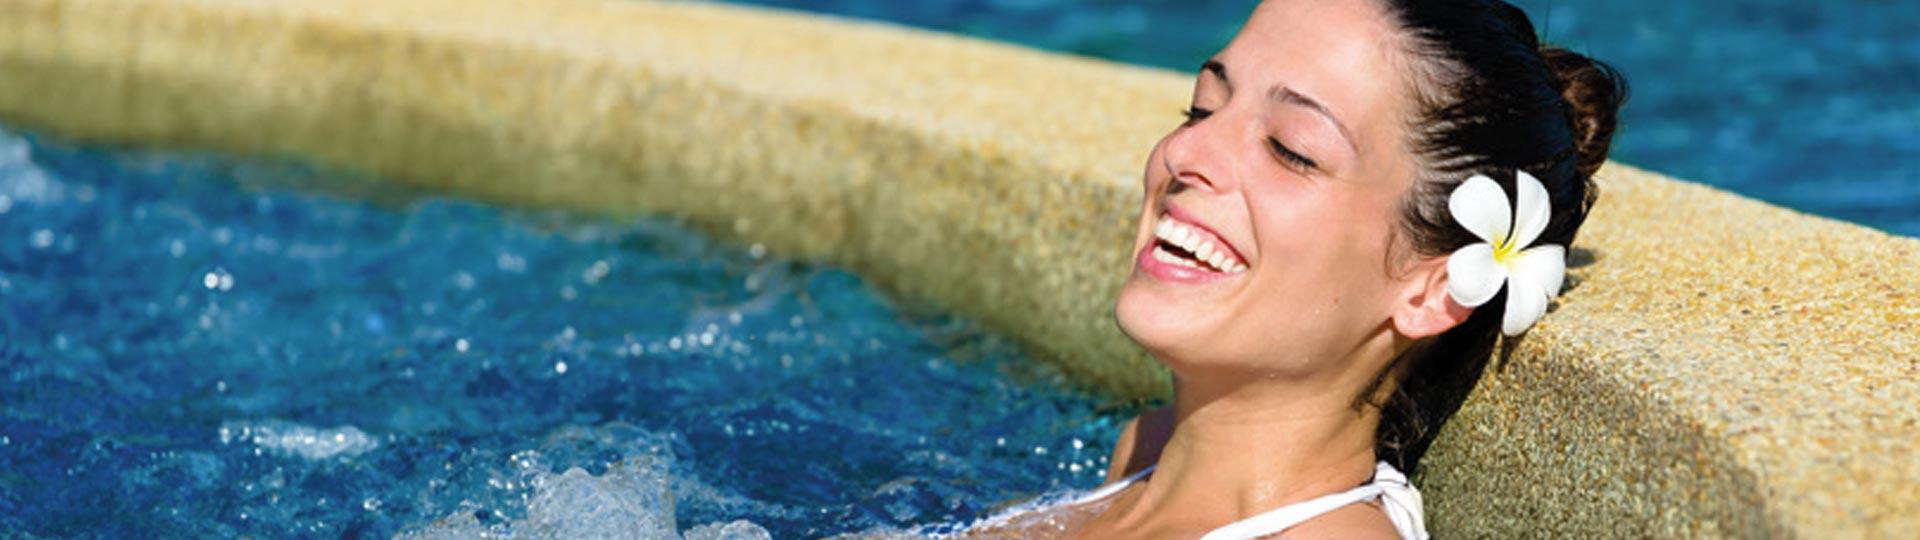 lachende Frau im Whirlpool mit kristallklarem Wasser